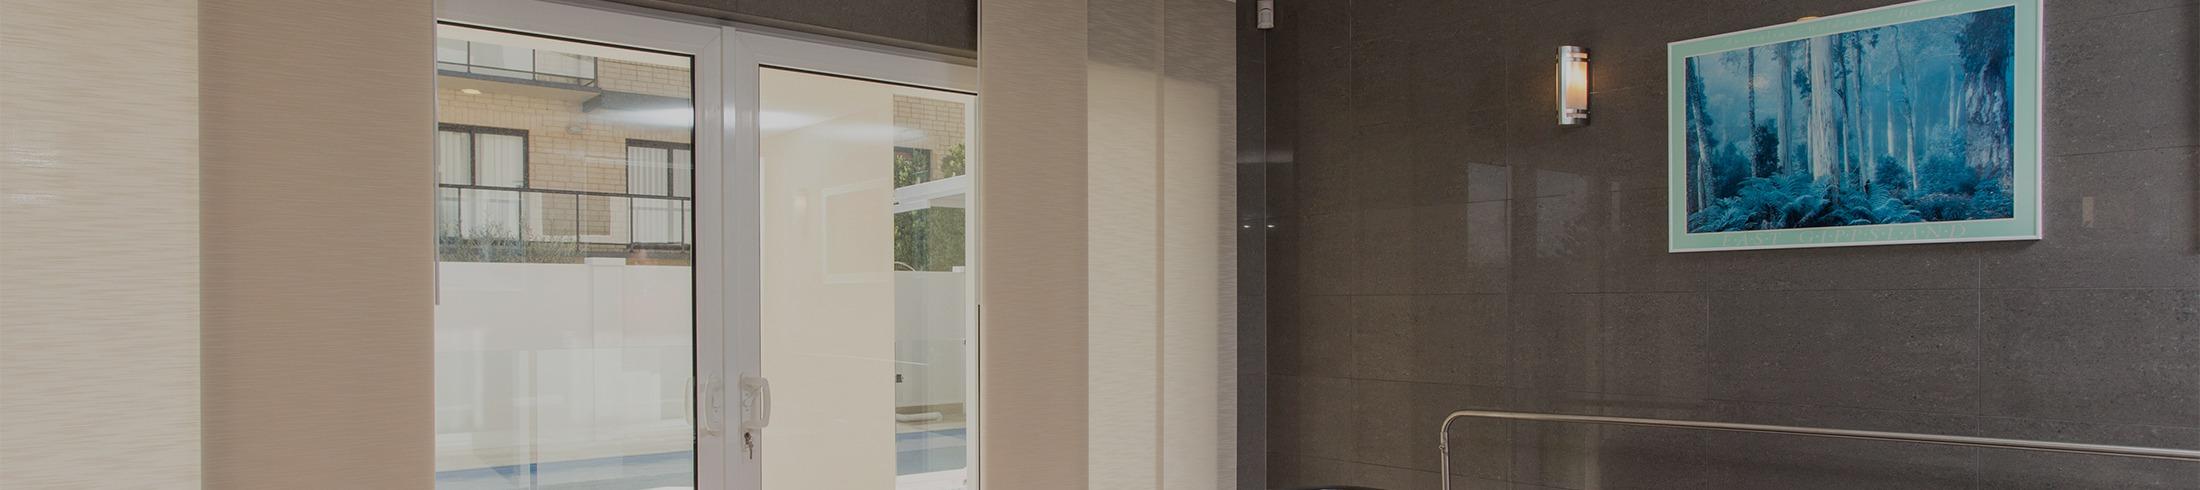 indoor panel blinds 1